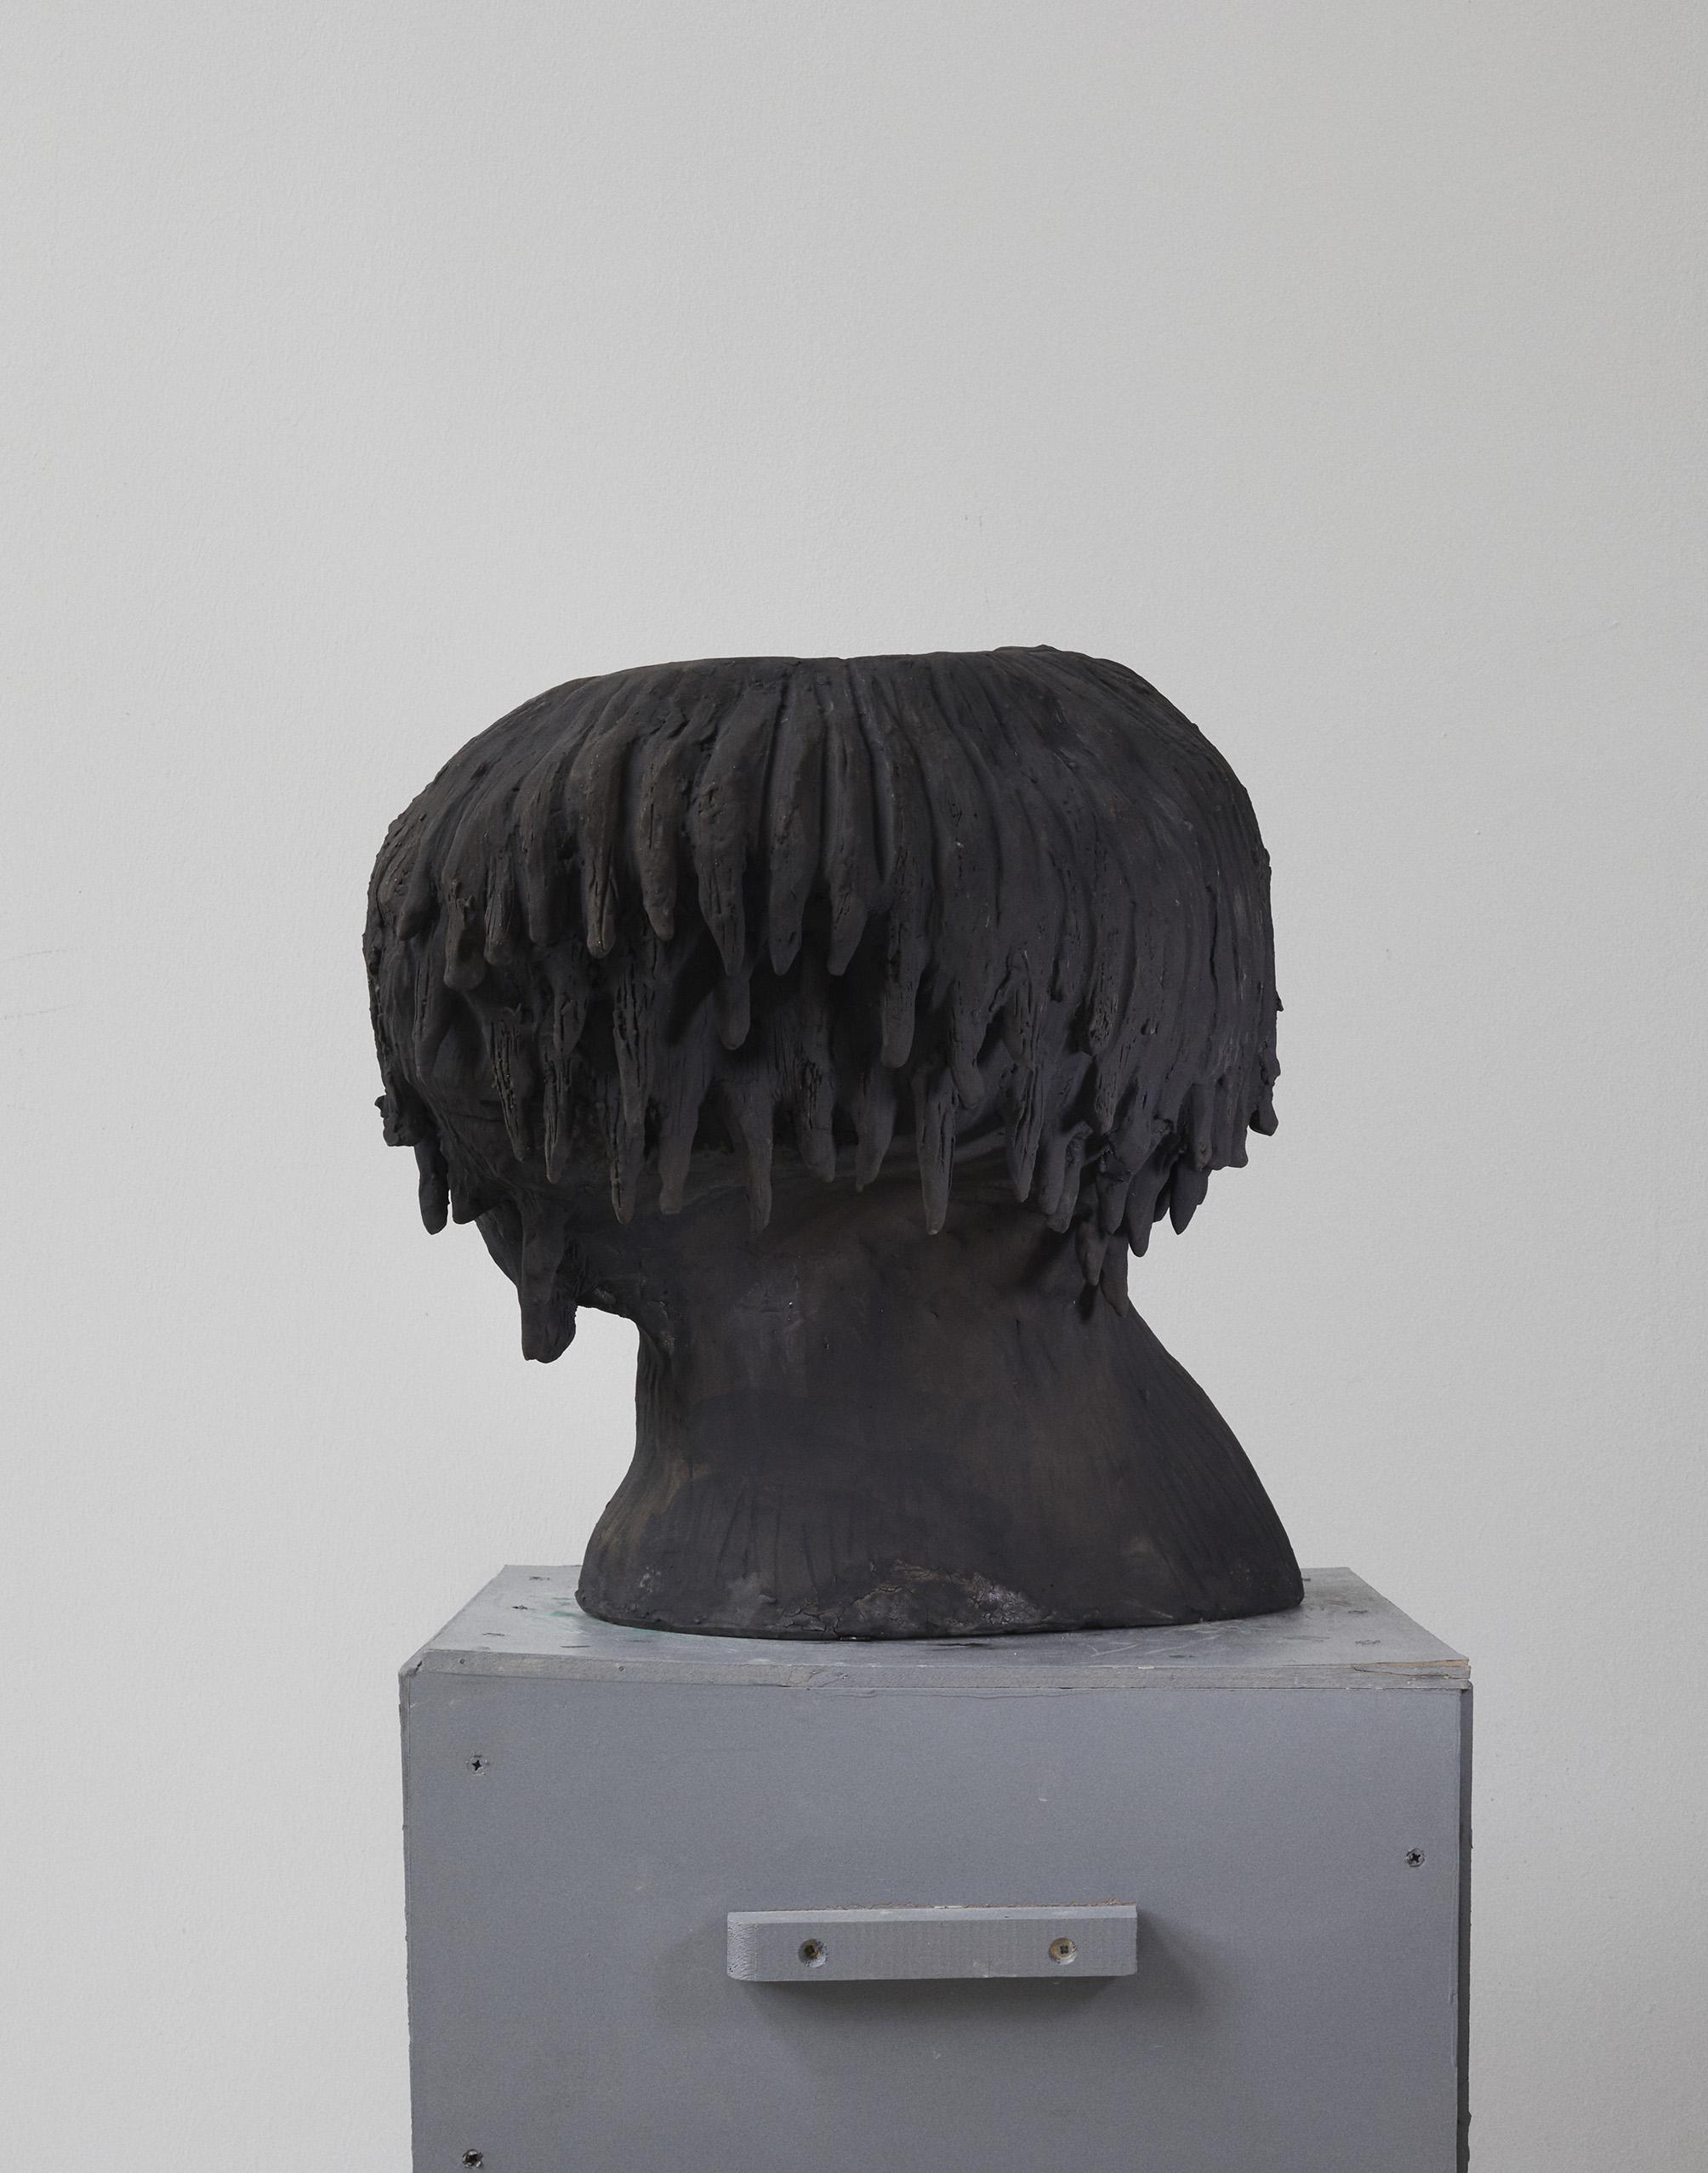 Titanka, 2019